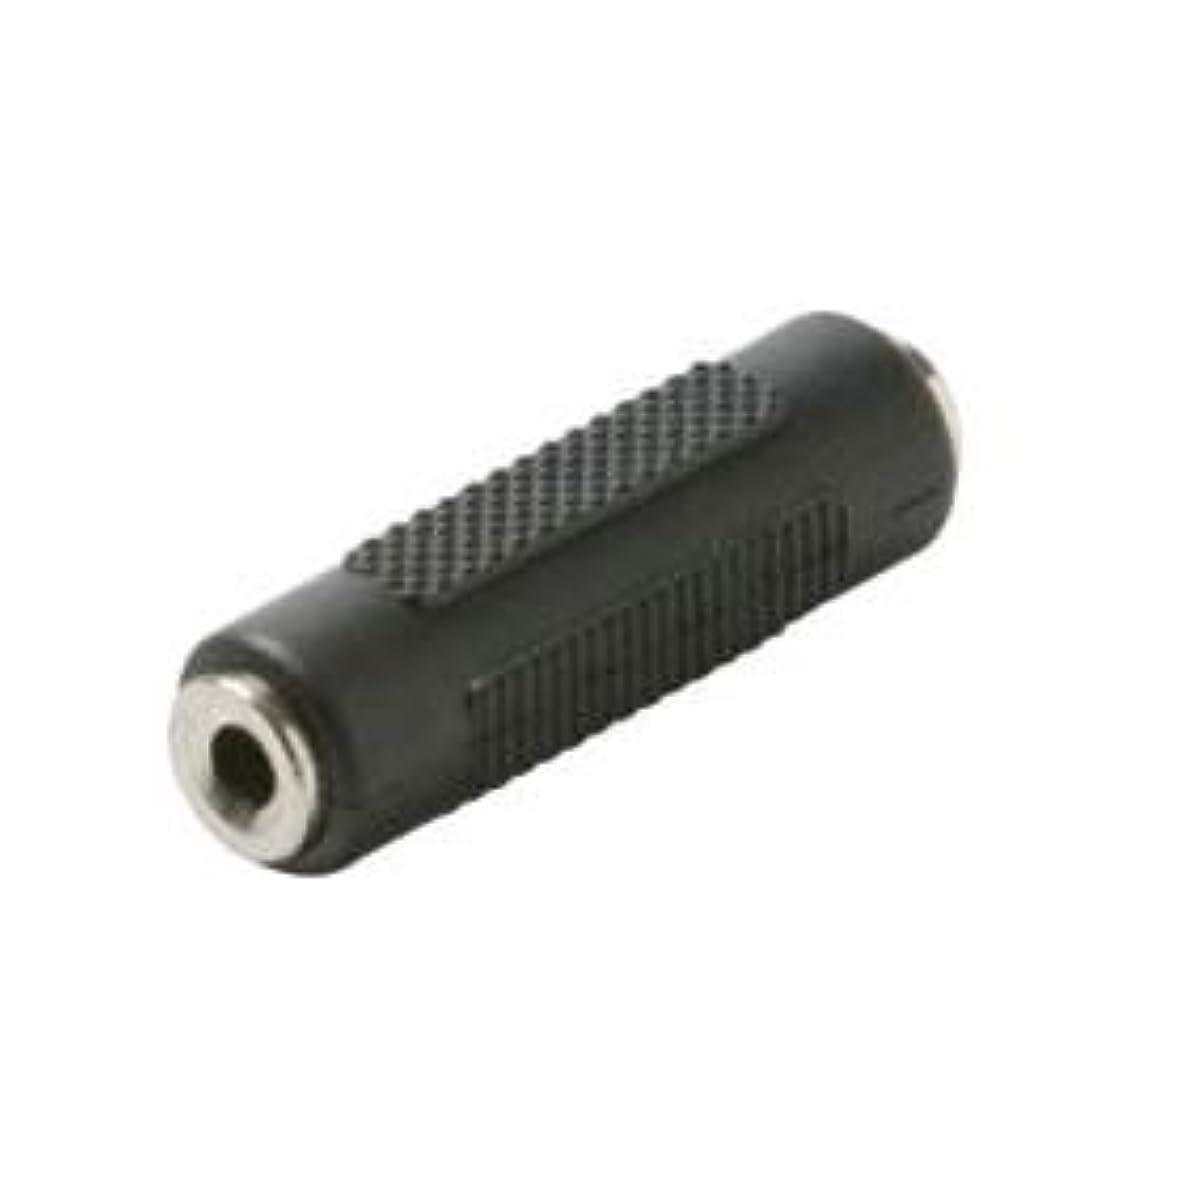 国歌ロッジエンティティiMBAPrice 3.5 mm 女性カプラー - (メス) の 3.5 mm ステレオ ジャック (メス) の 3.5 mm ステレオ ジャック ケーブル延長アダプターに